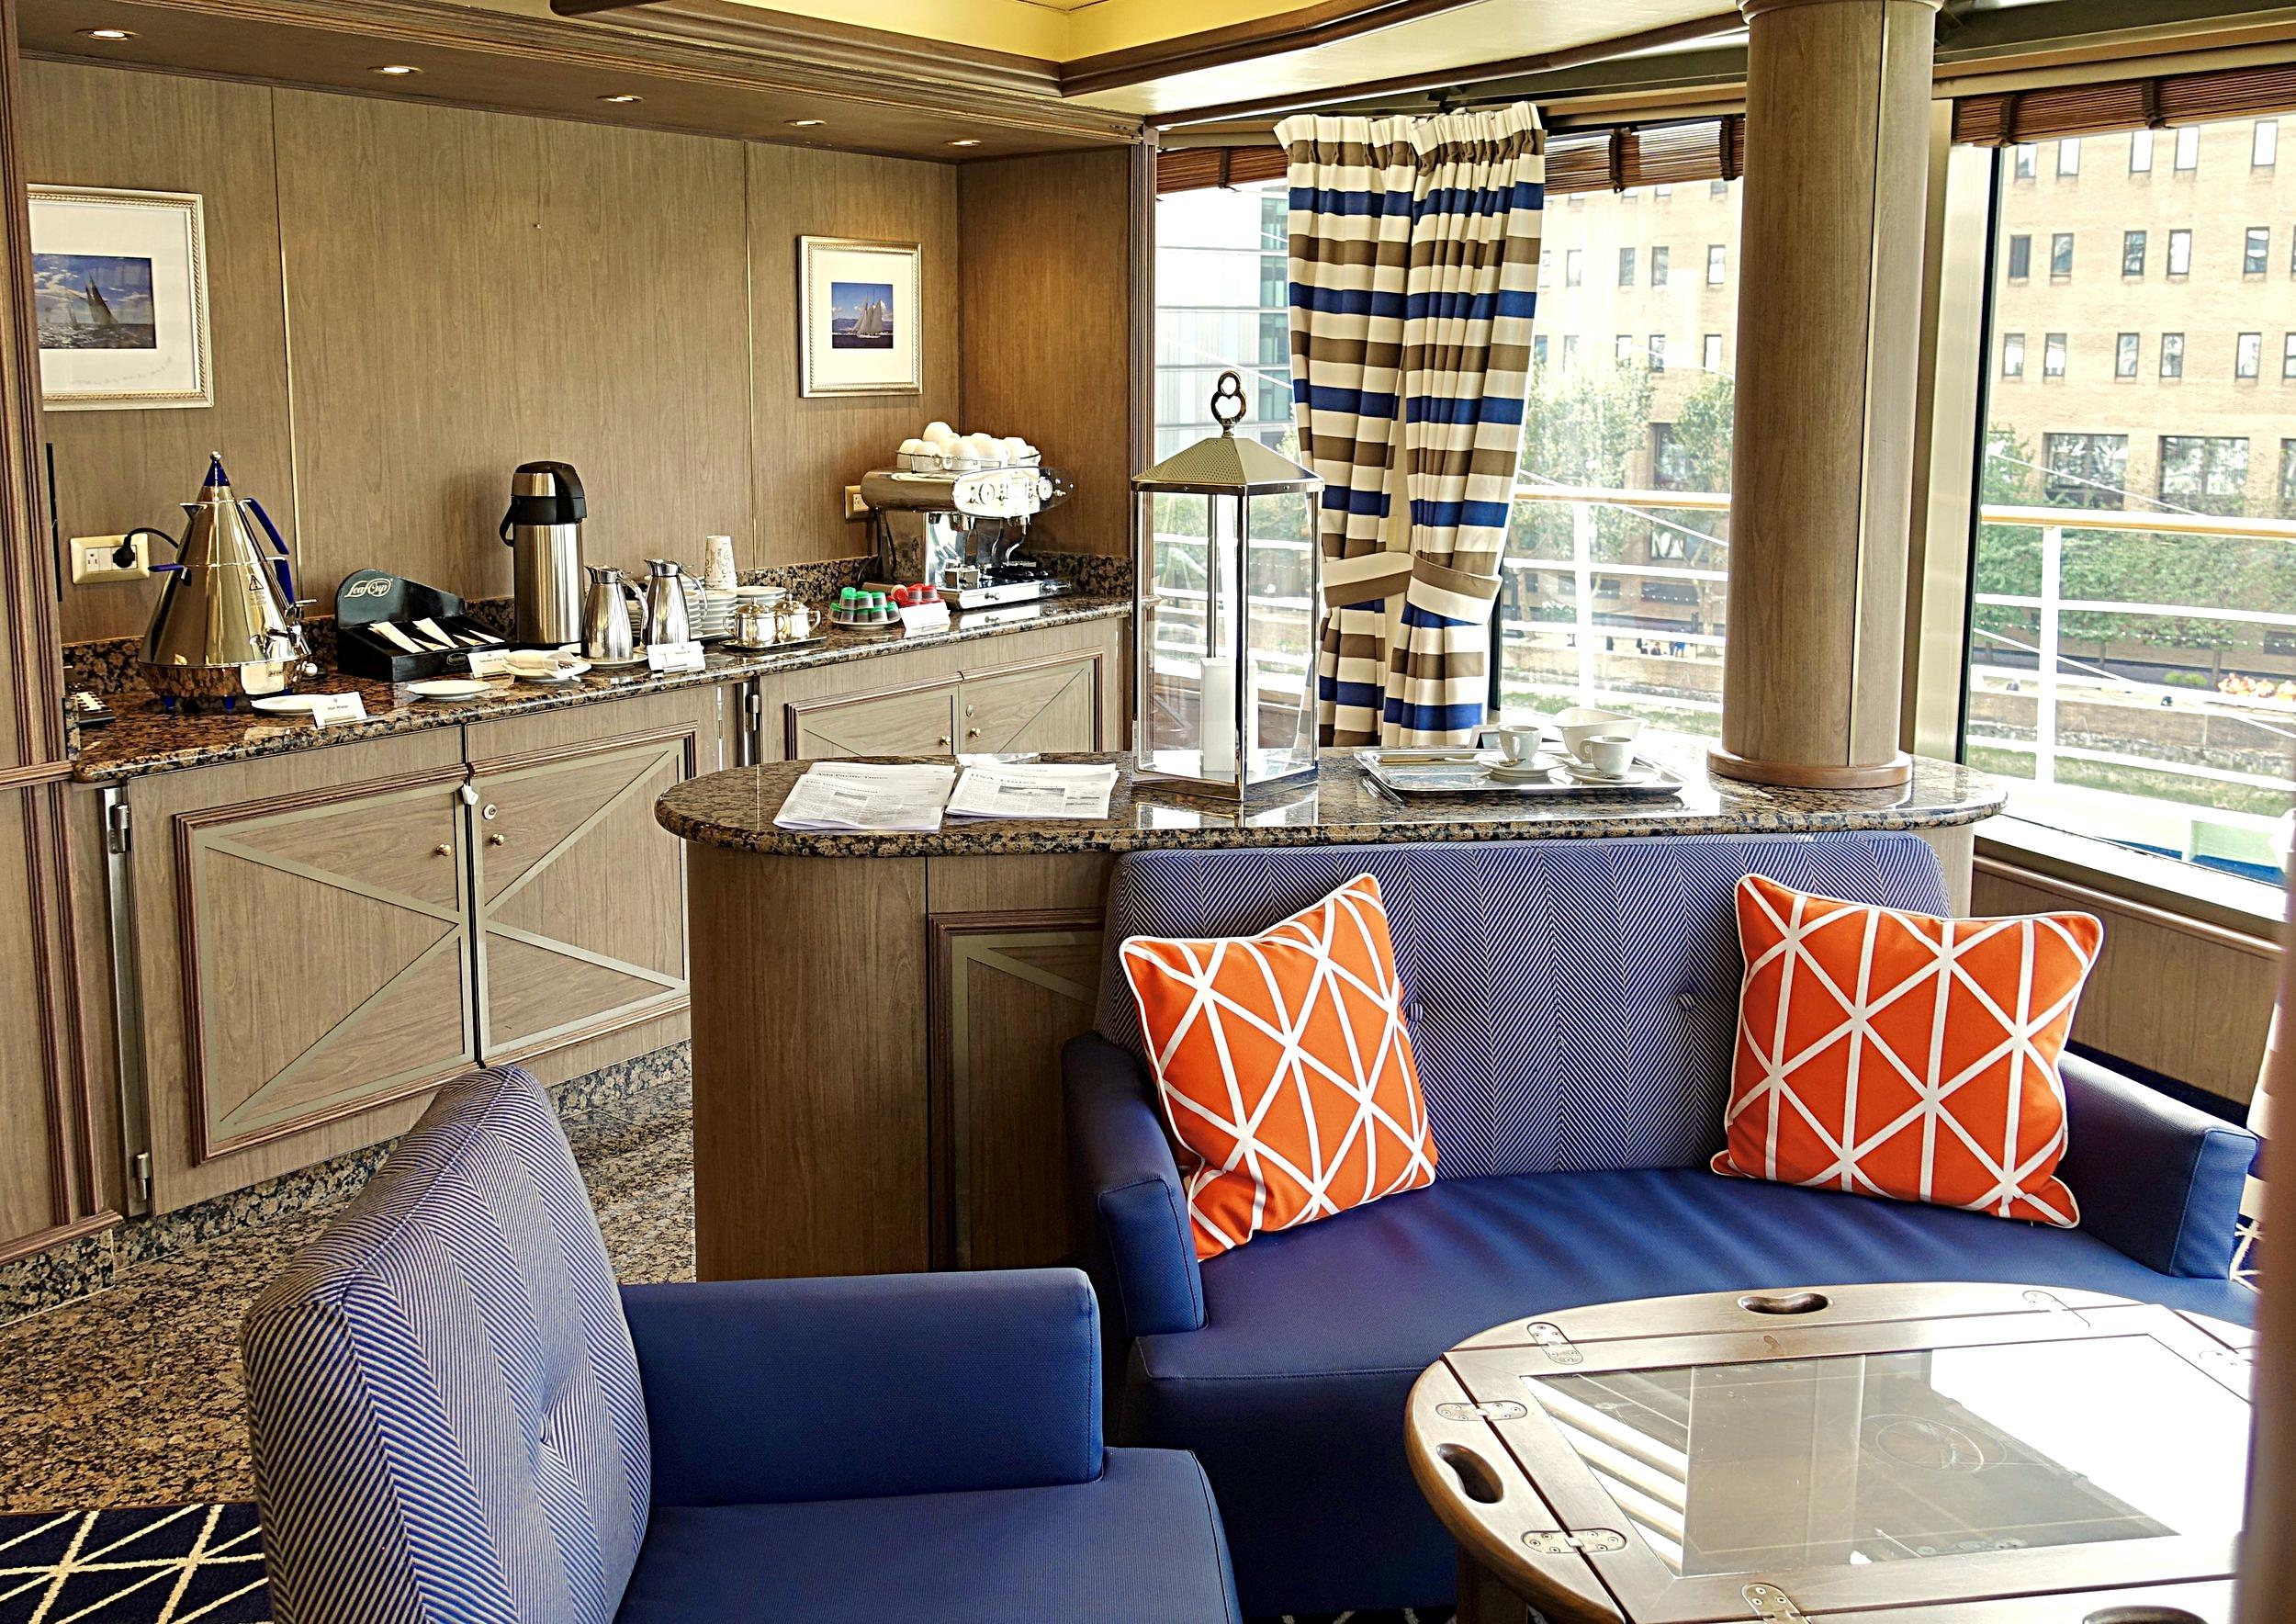 The Tors observation lounge self-service bar.